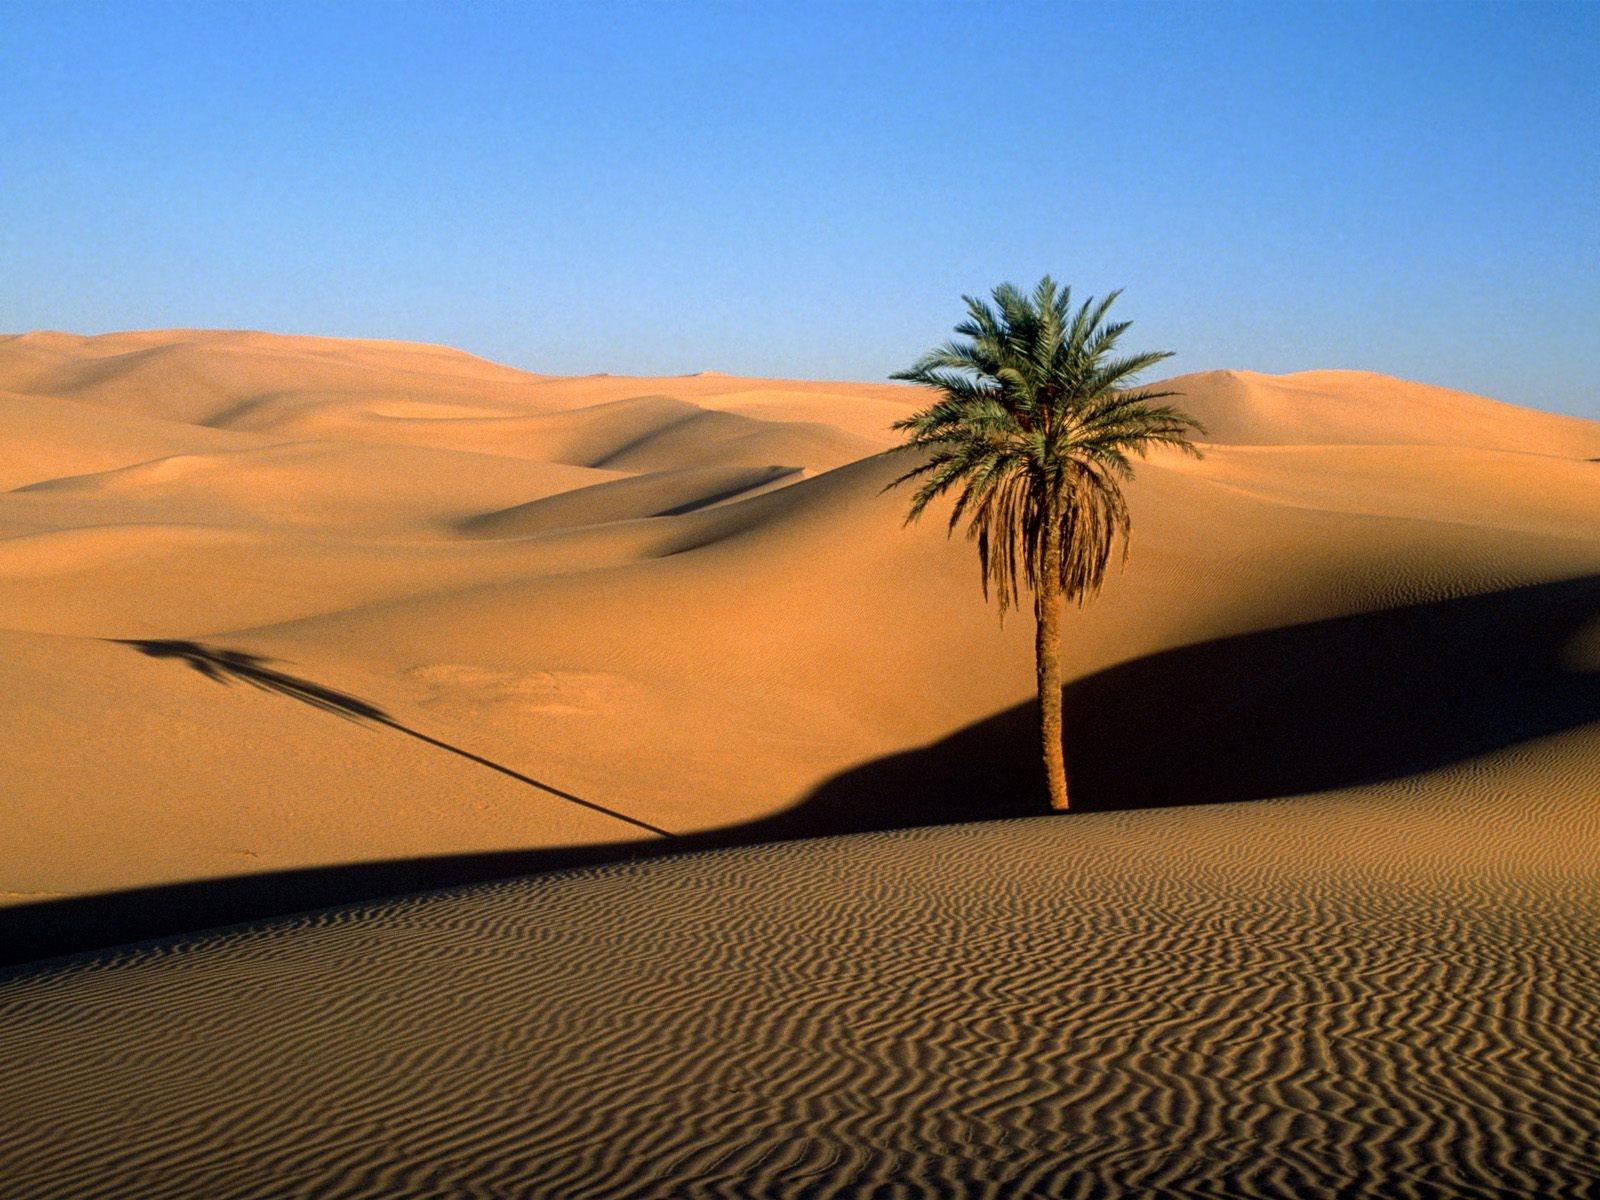 Mais uma relíquia no ebay/OLX etc. - Página 15 Desert_sand_dunes_palm_tree_tree_shade_evening-775392